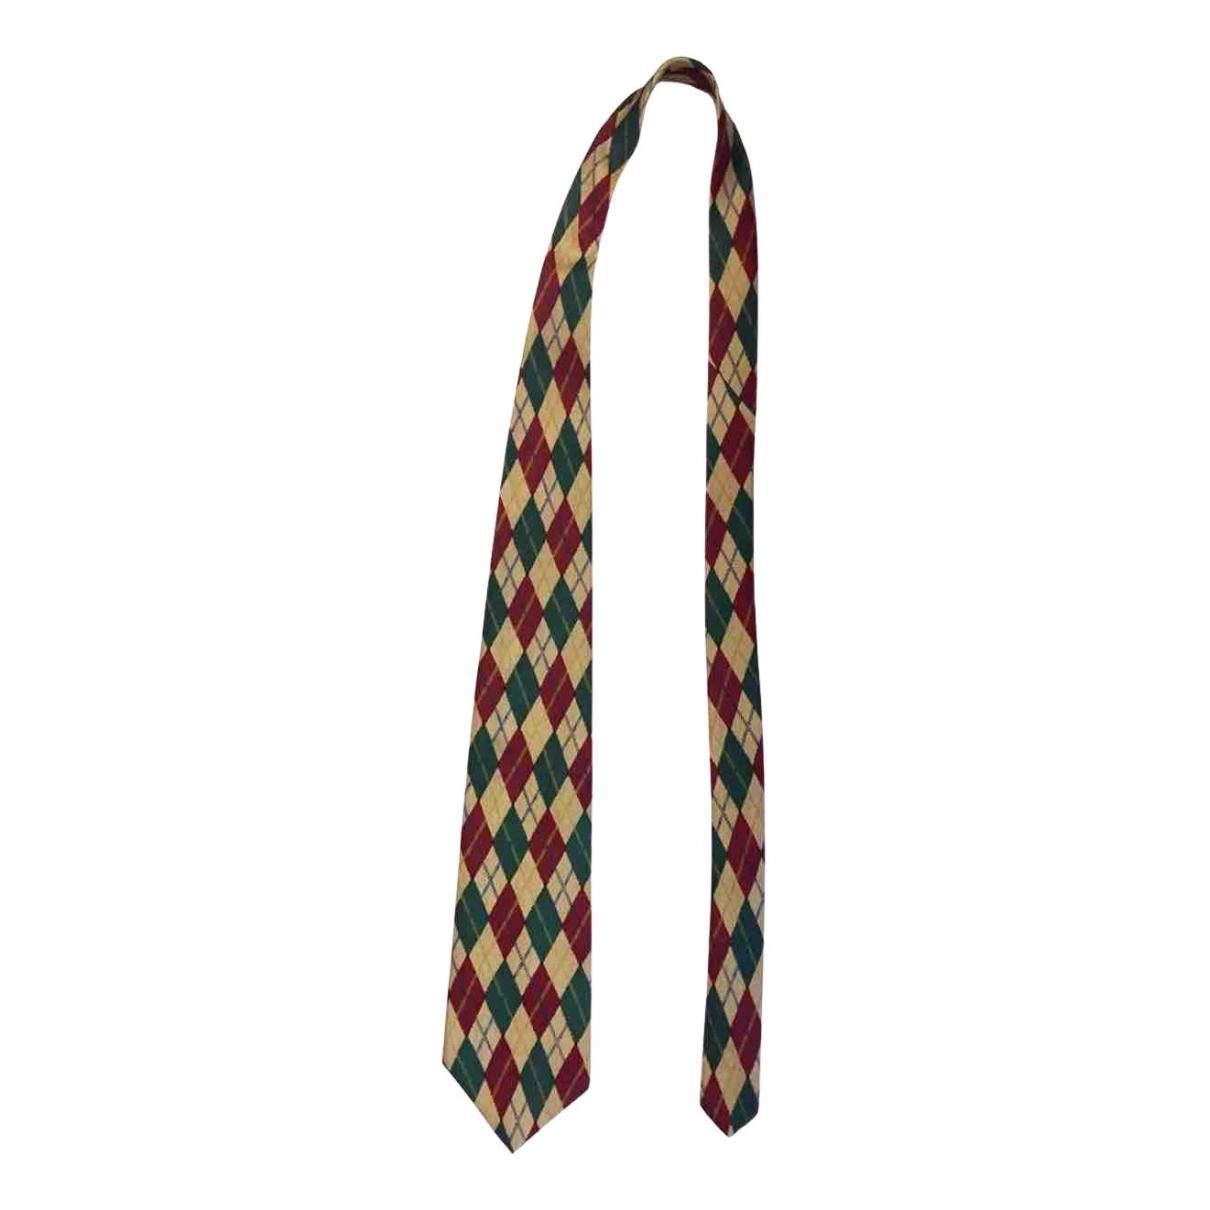 Abercrombie & Fitch - Cravates   pour homme en soie - jaune